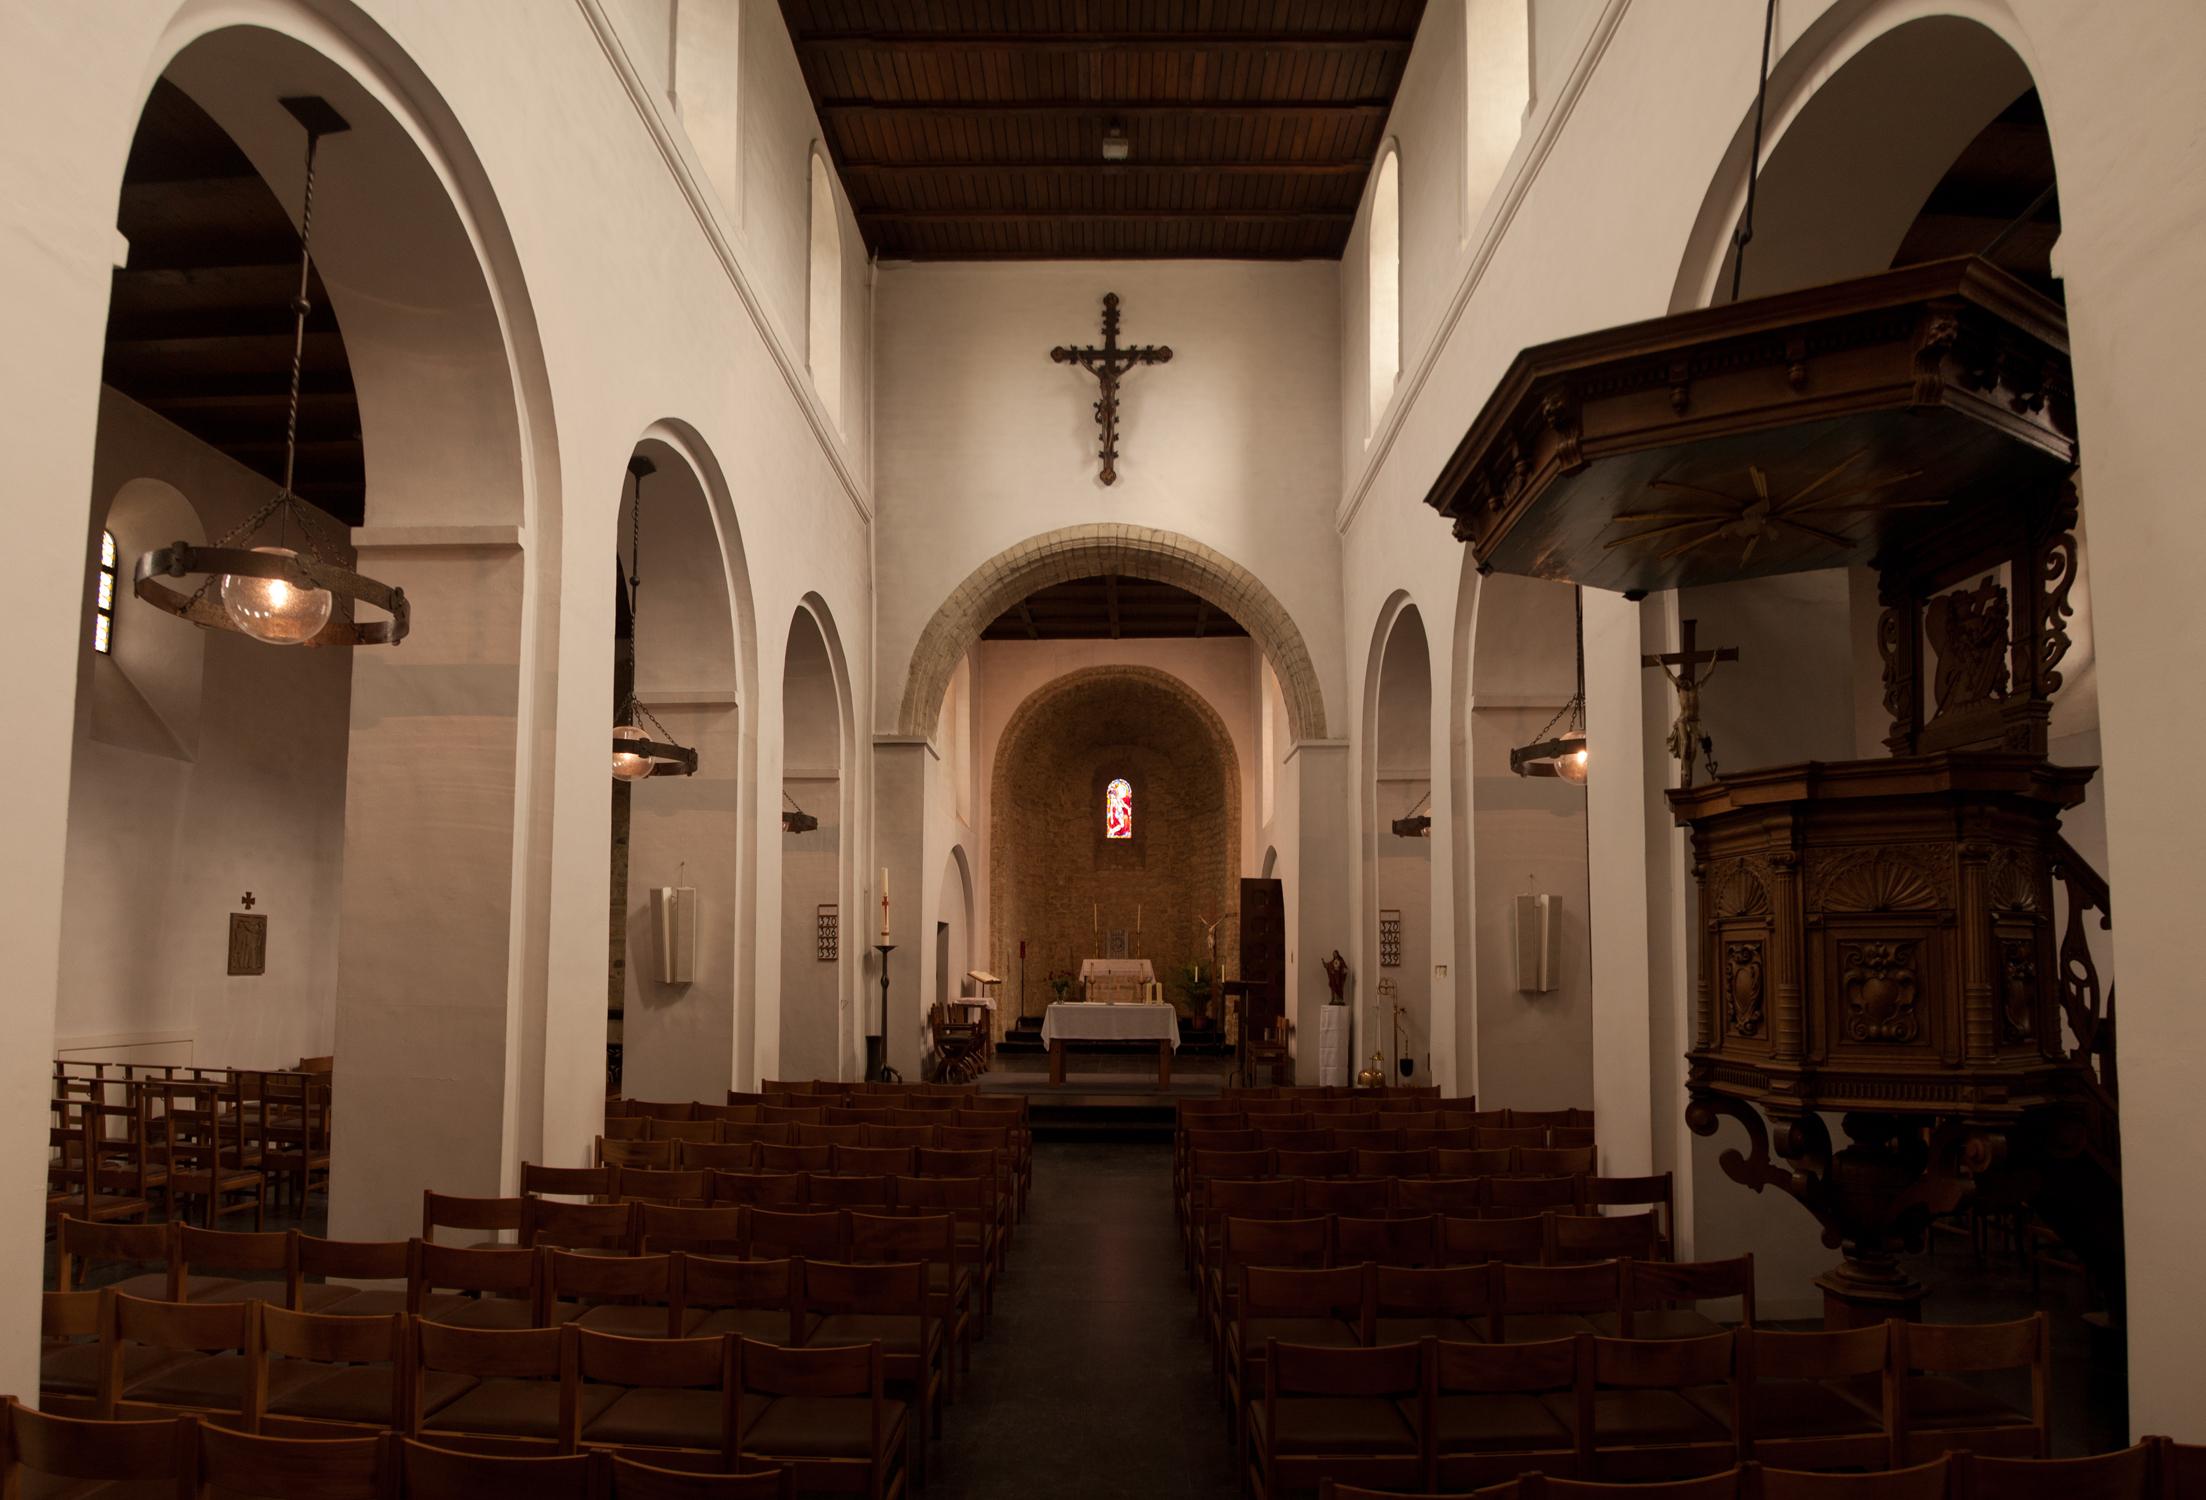 https://upload.wikimedia.org/wikipedia/commons/6/67/Kerk_bertem_interieur.jpg